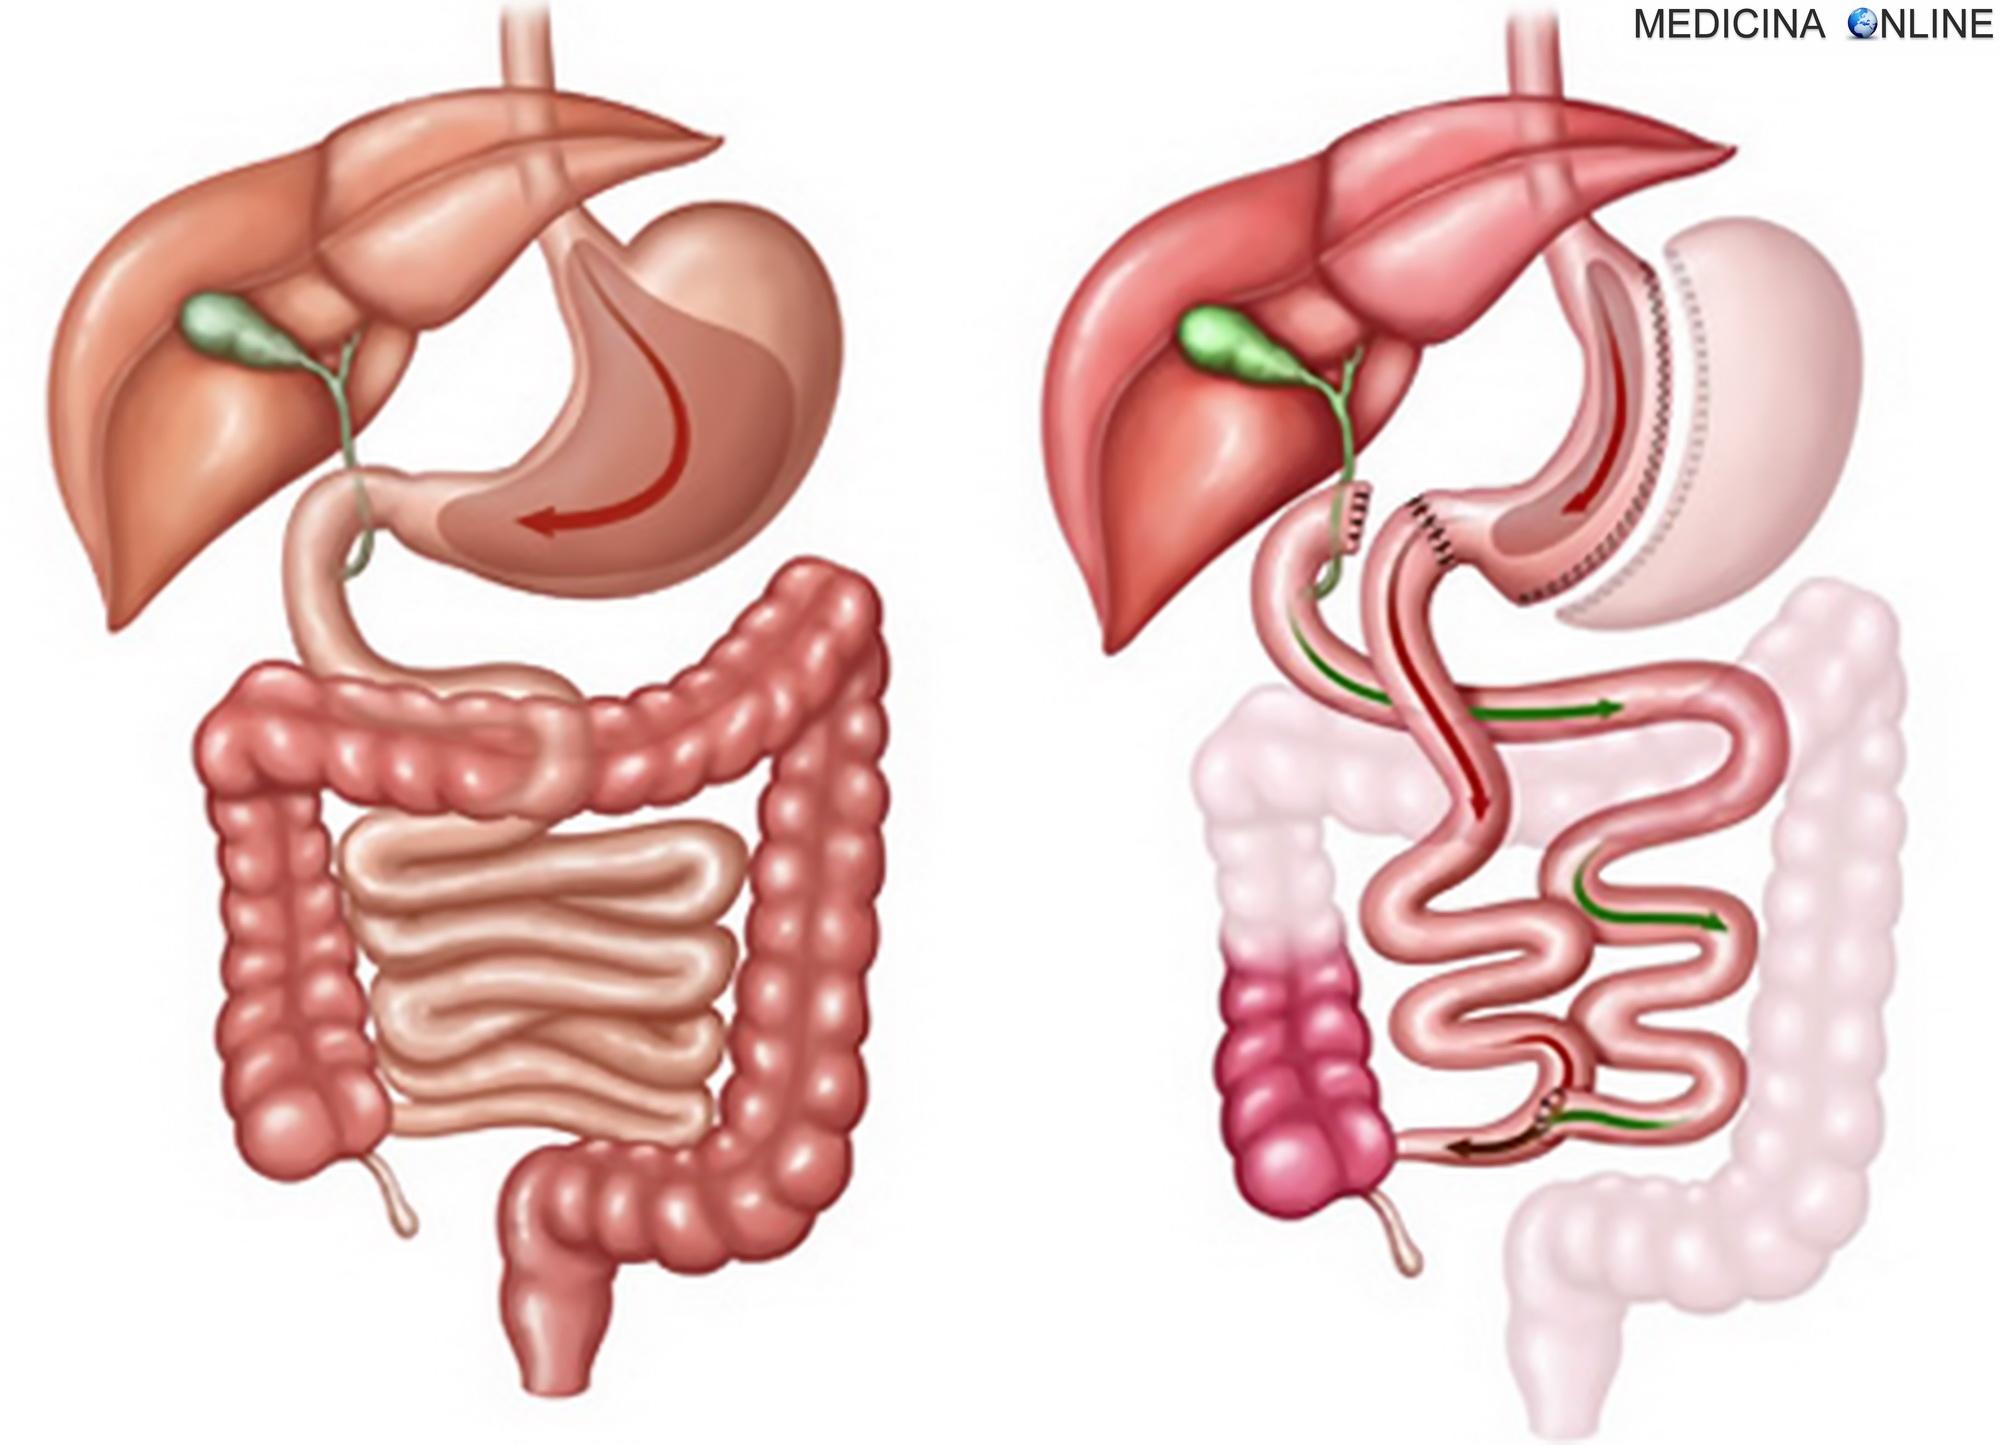 intervento prostata in laparoscopia video clips